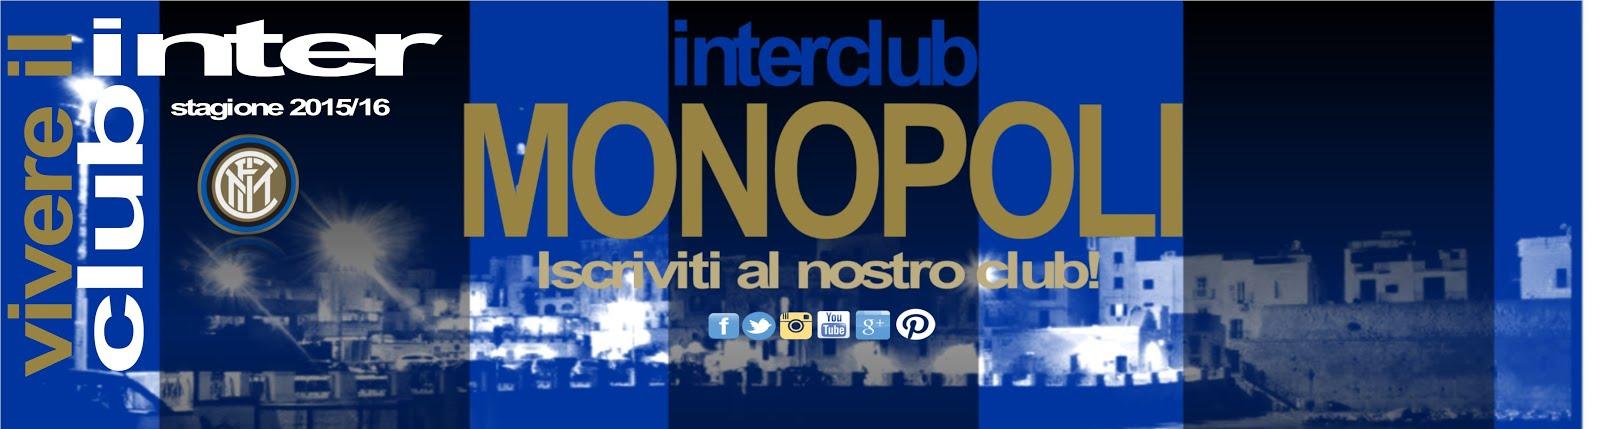 il blog ufficiale dell'Inter club Monopoli